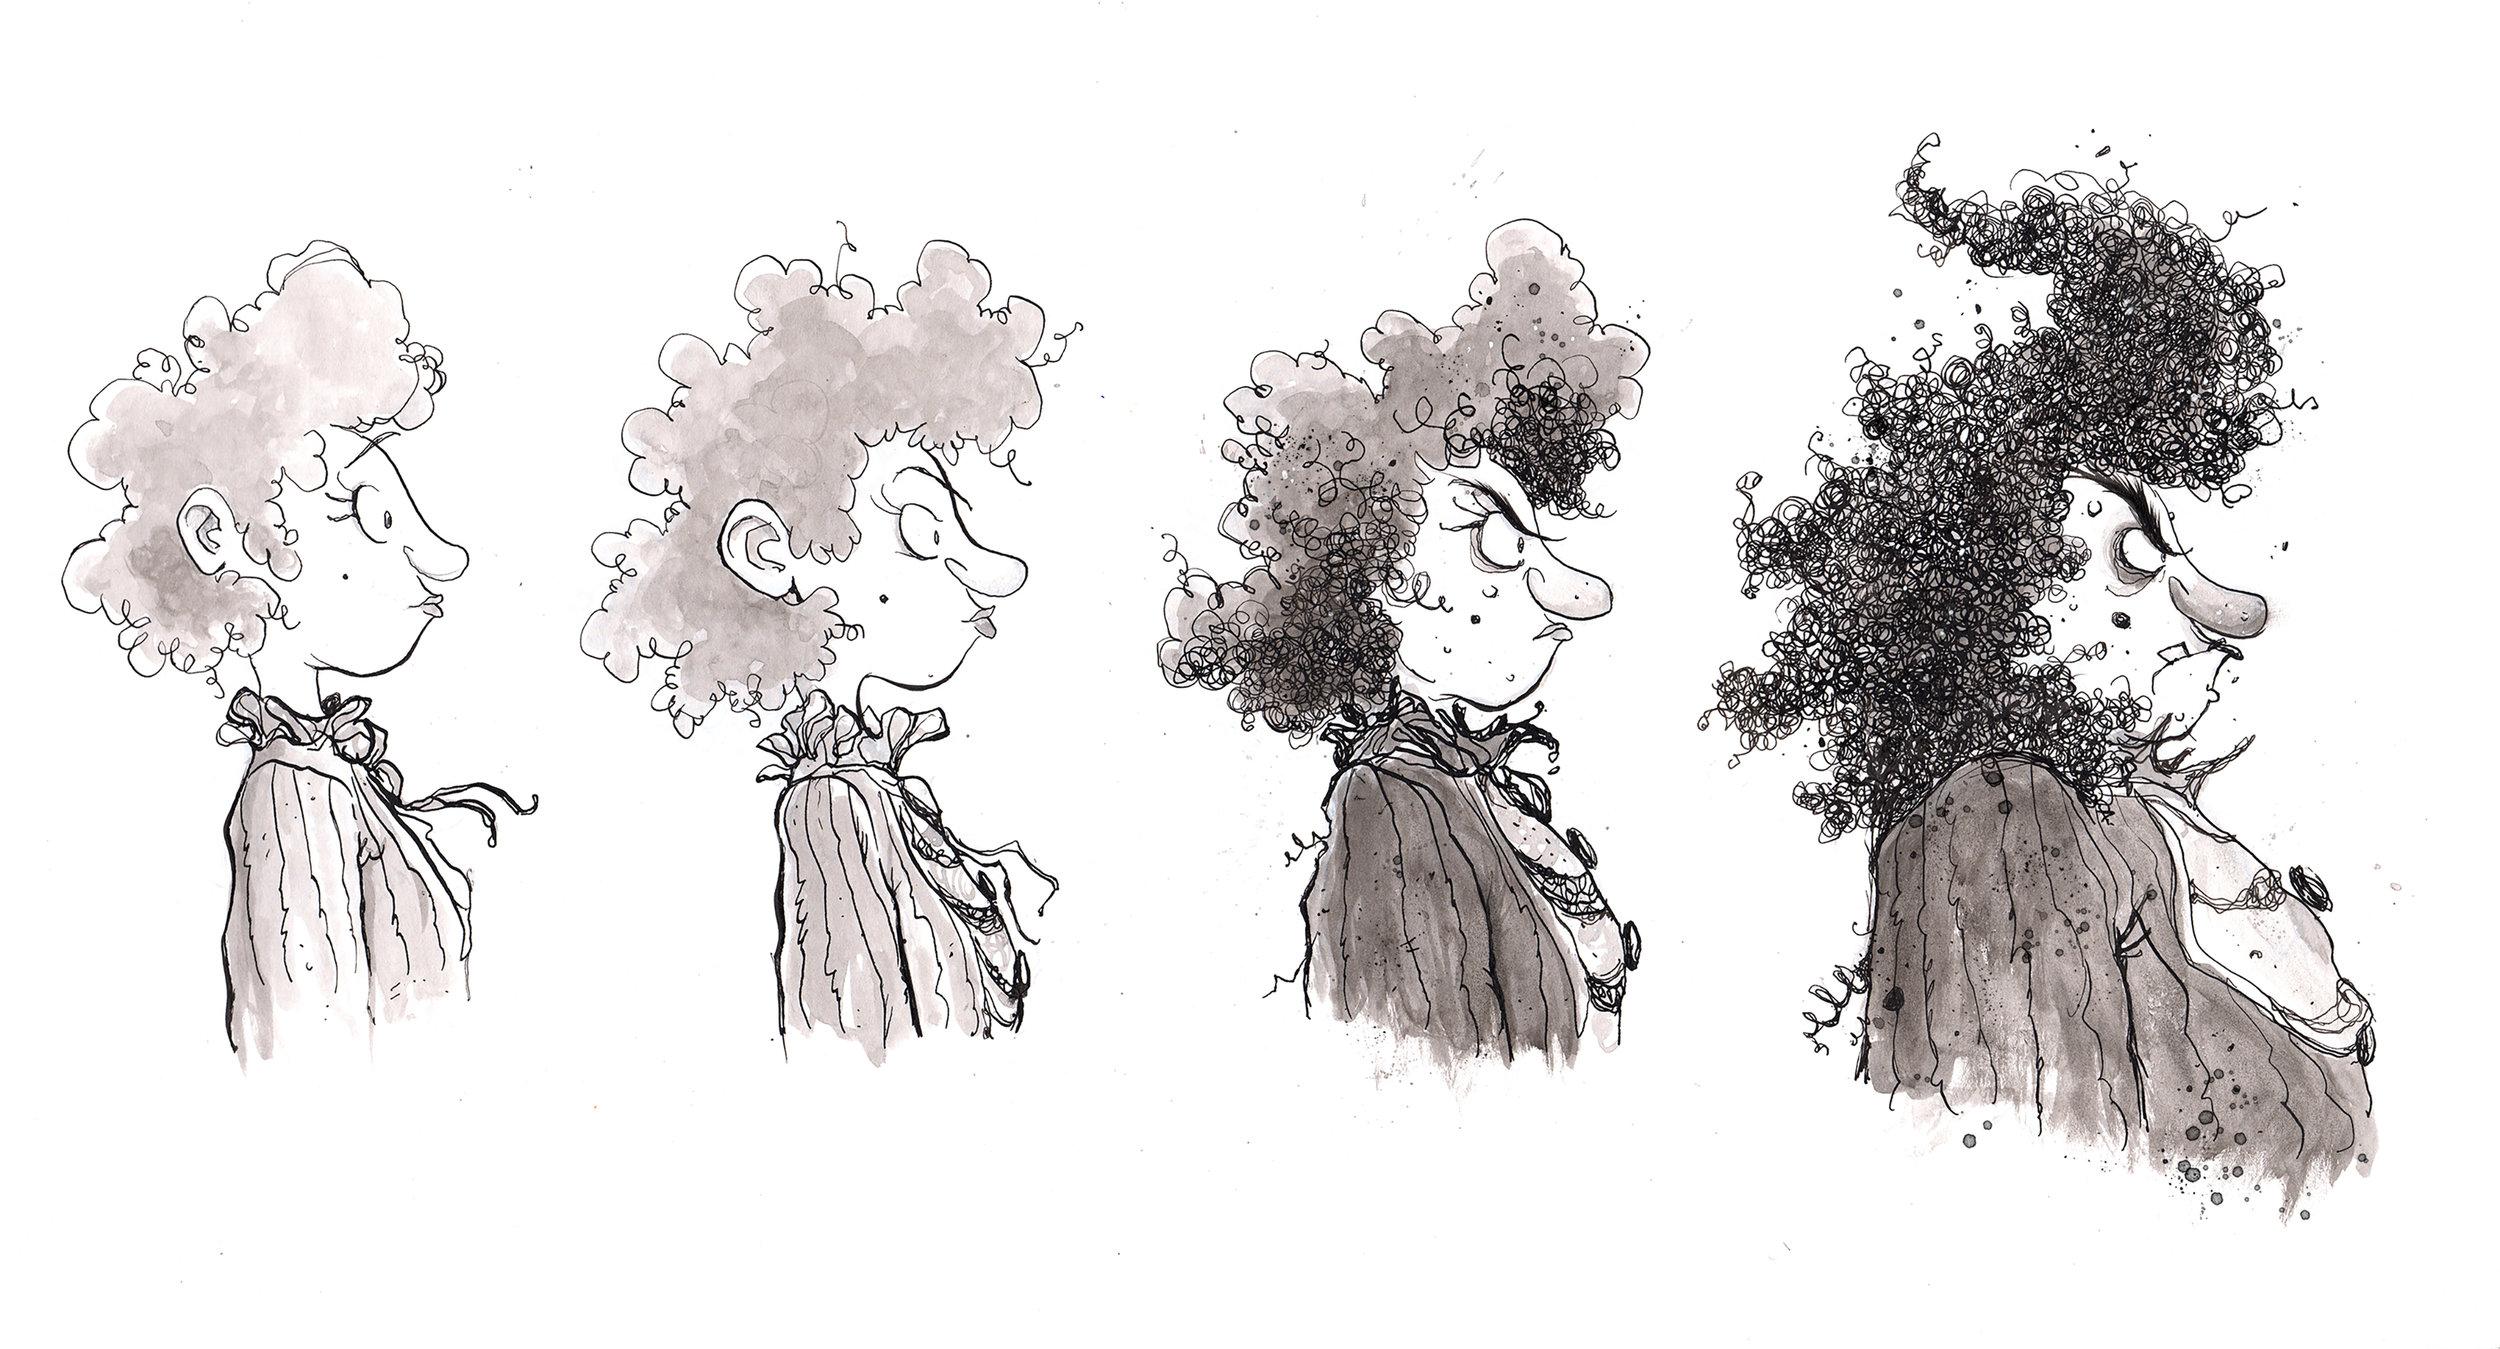 artistic ramblings, cartooning and design*art of scott brown